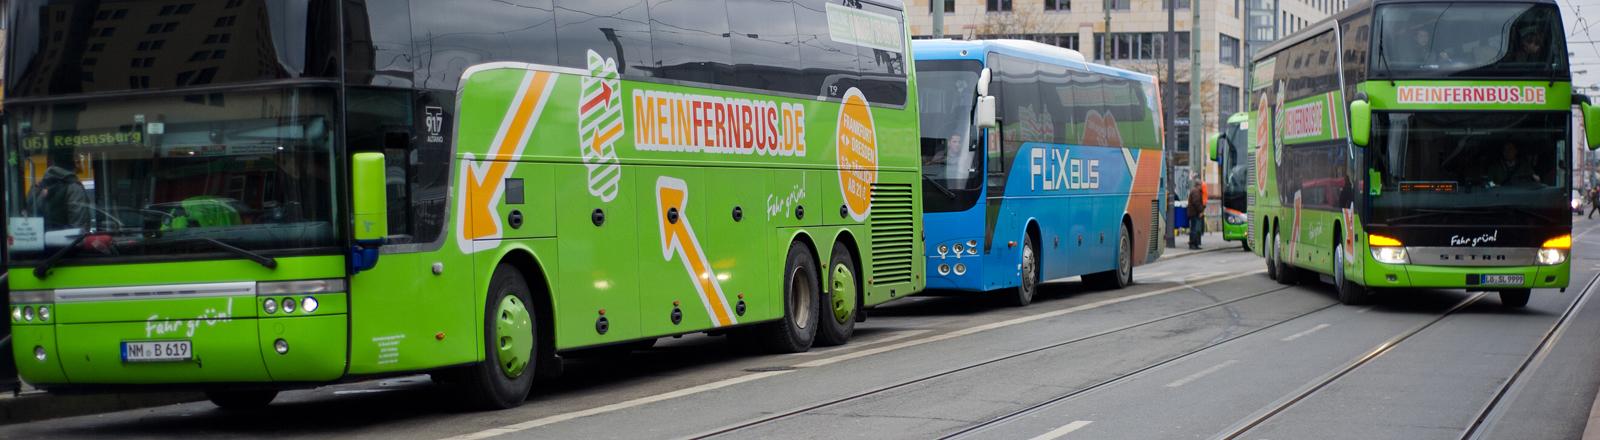 Fernbusse der Unternehmen Meinfernbus.de und Flixbus stehen am 10.02.2015 an den Haltestellen am Hauptbahnhof von Frankfurt am Main (Hessen).